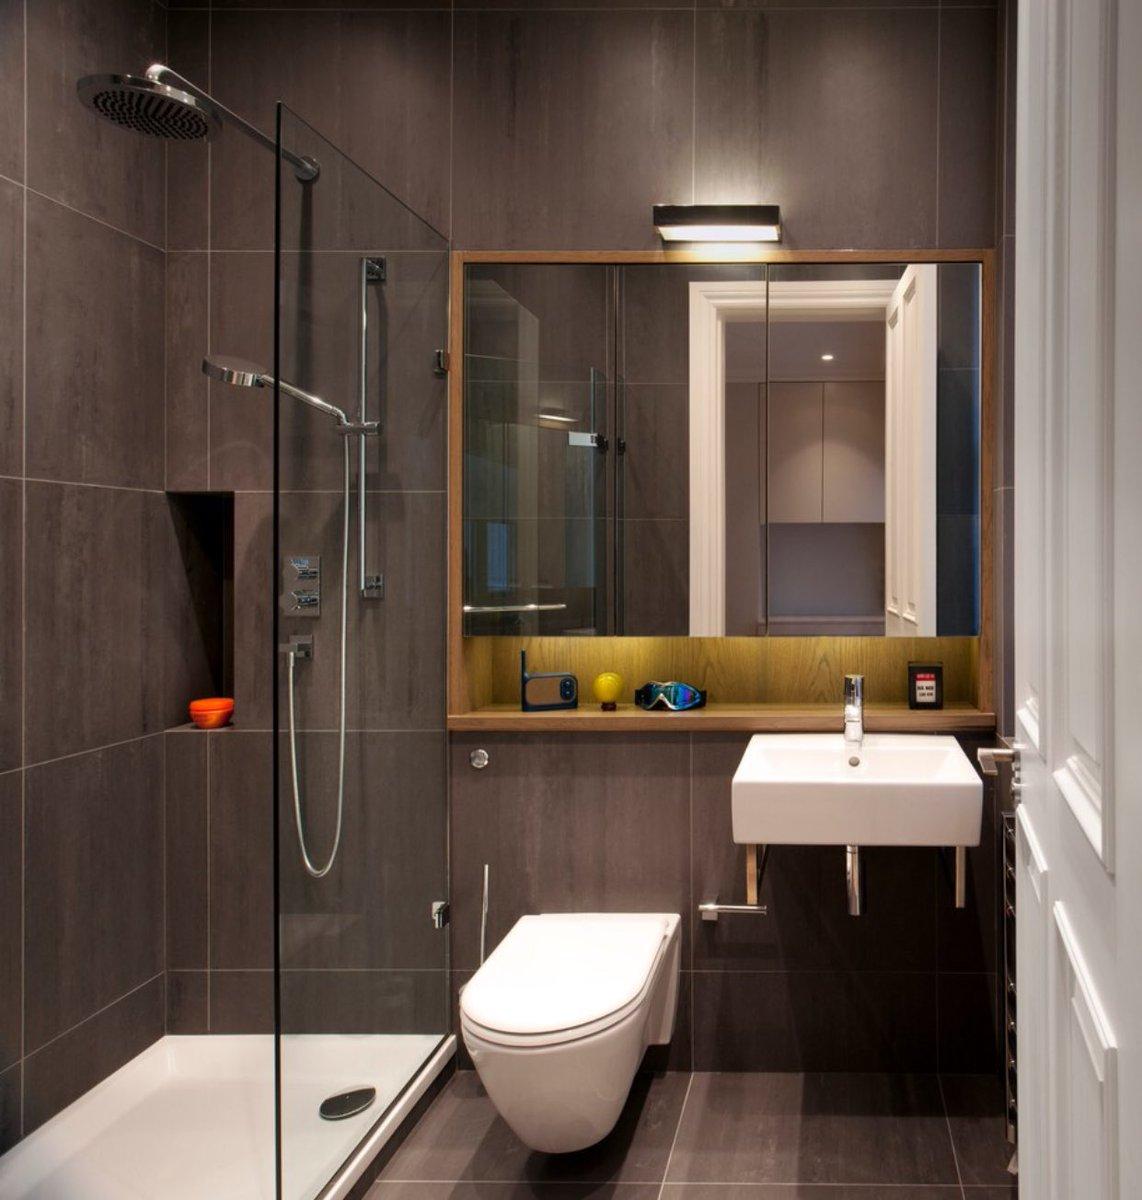 صورة تصميم حمامات منازل , اوووو ما اجمل هالتصميم بجد ما فى احلى من كدة